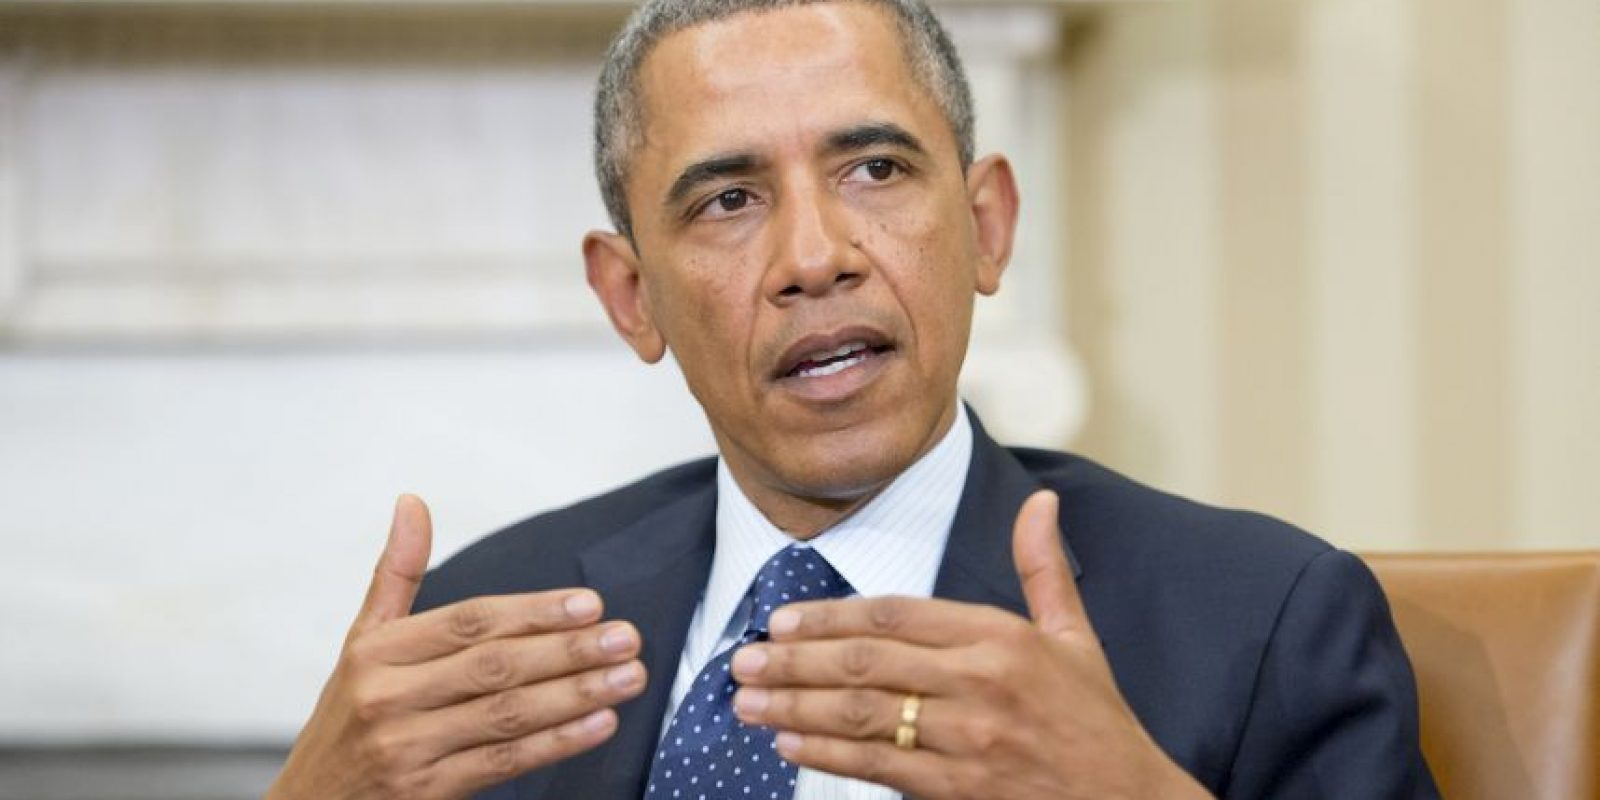 El mandatario quiere dejar su legado sobre este tema. Foto:Getty Images